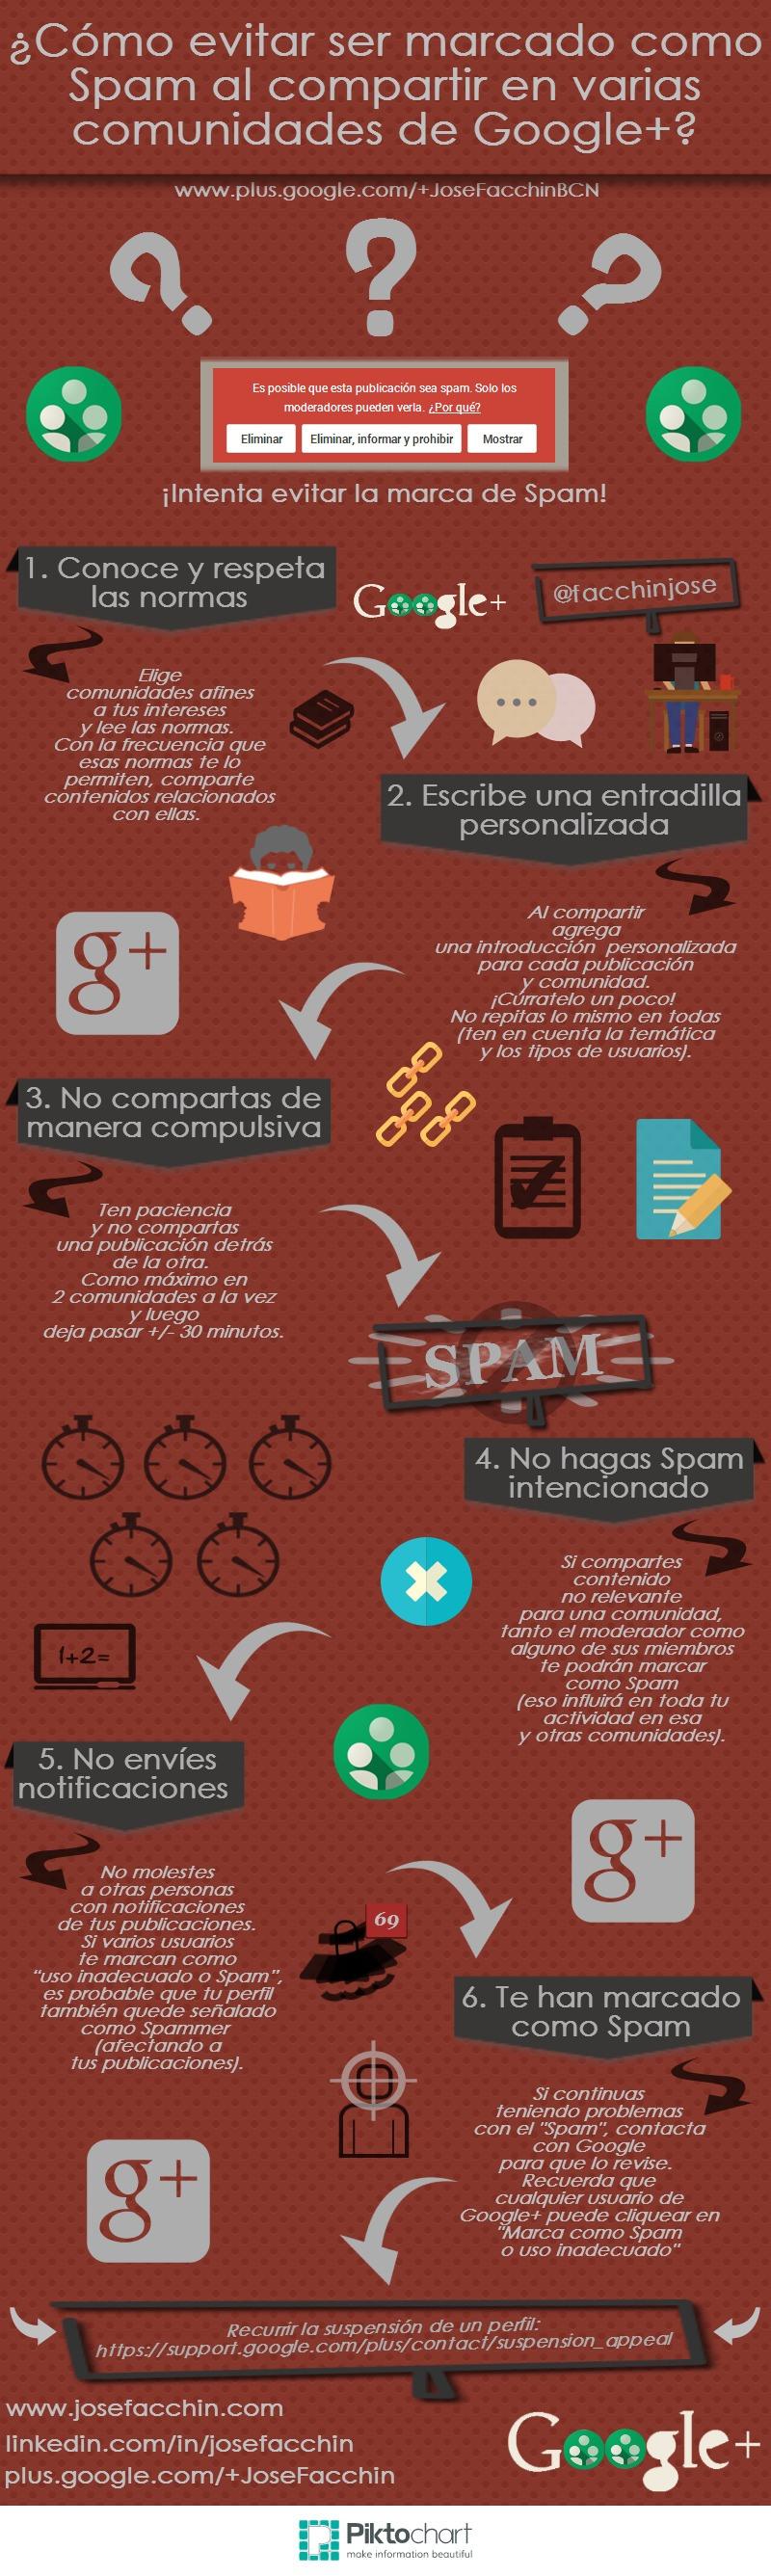 Spam y comunidades de Google +